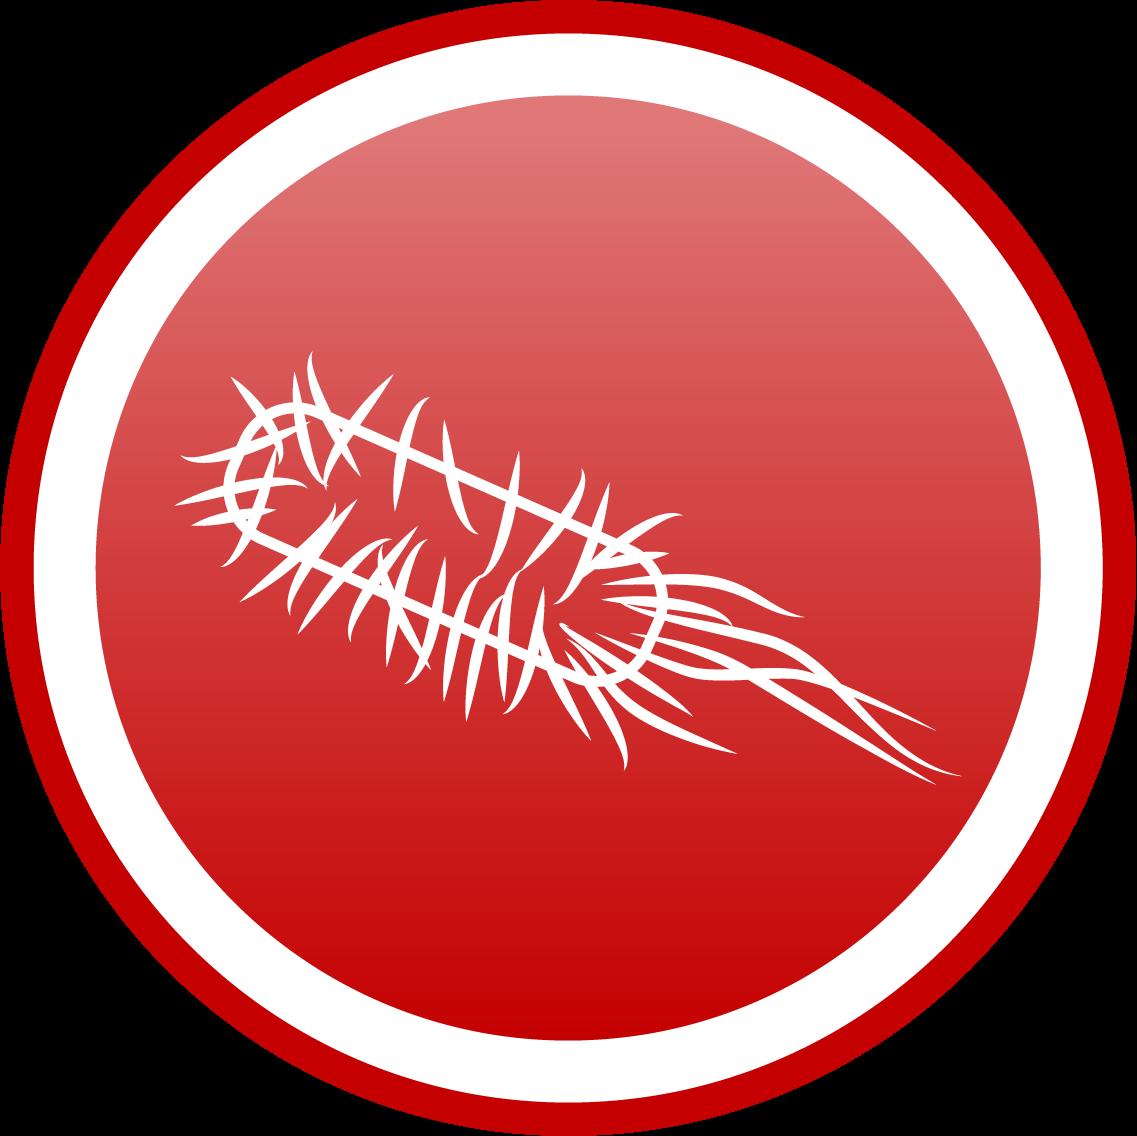 bacteria pack-cherrybiotech-organ-on-a-chip-cherrytemp